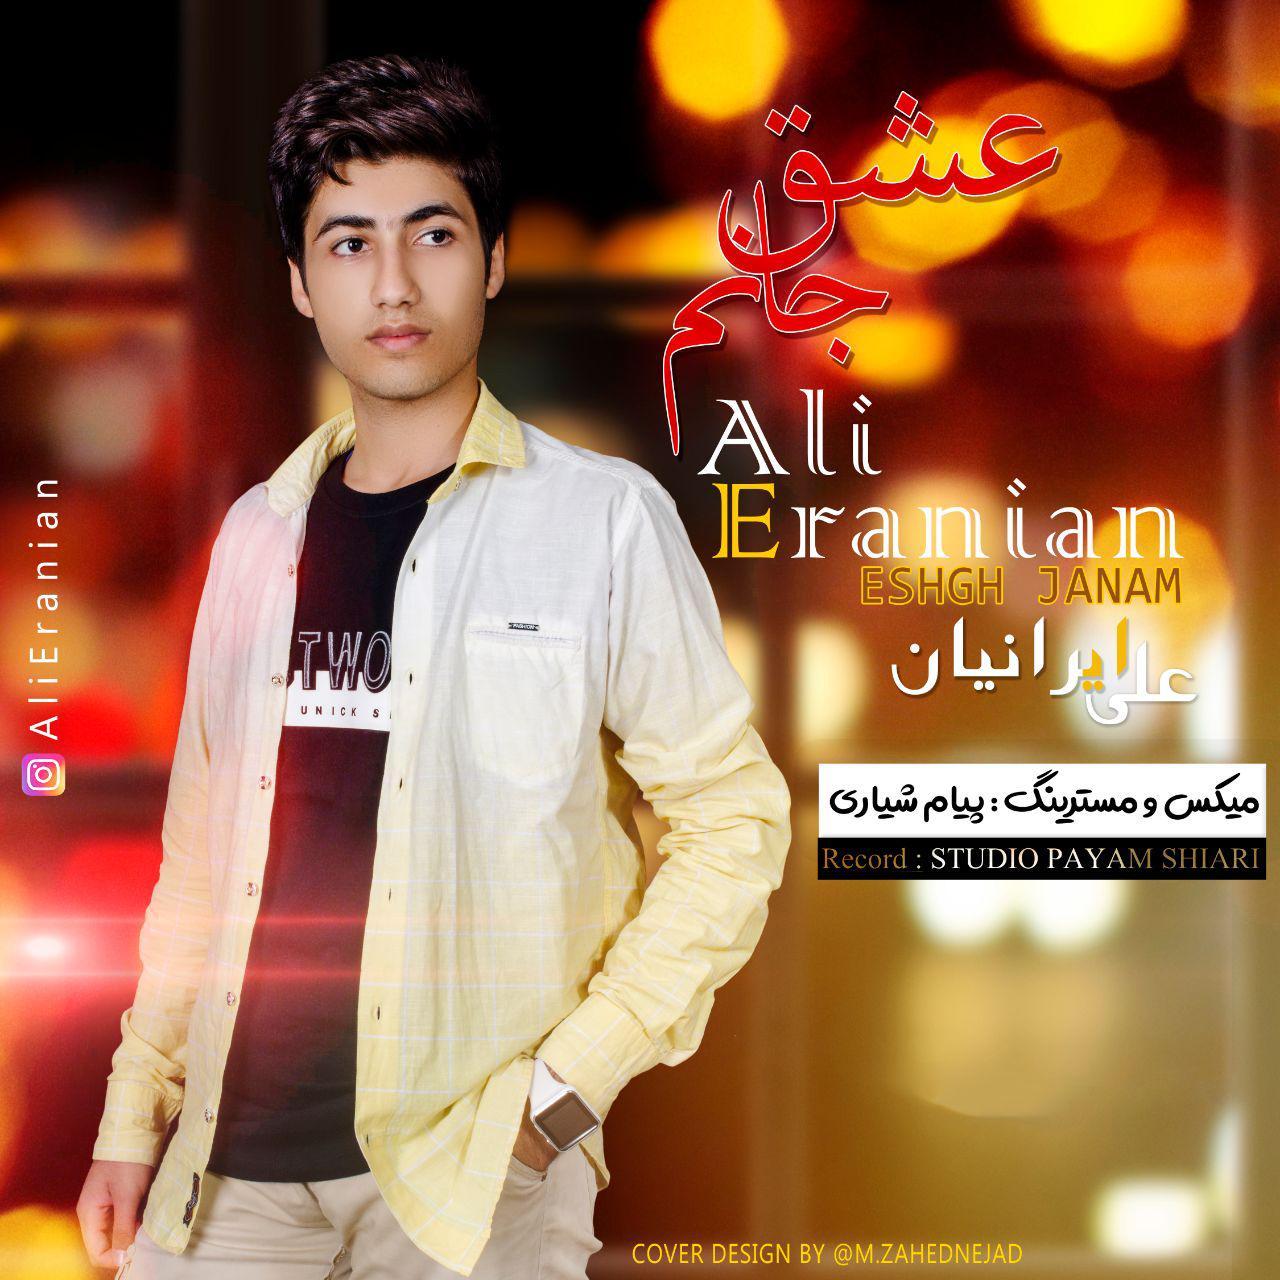 http://dl.rasanejavan.com/rasane/1397/Dey97/15/Ali%20Eranian%20-%20Eshgh%20Janam.jpg